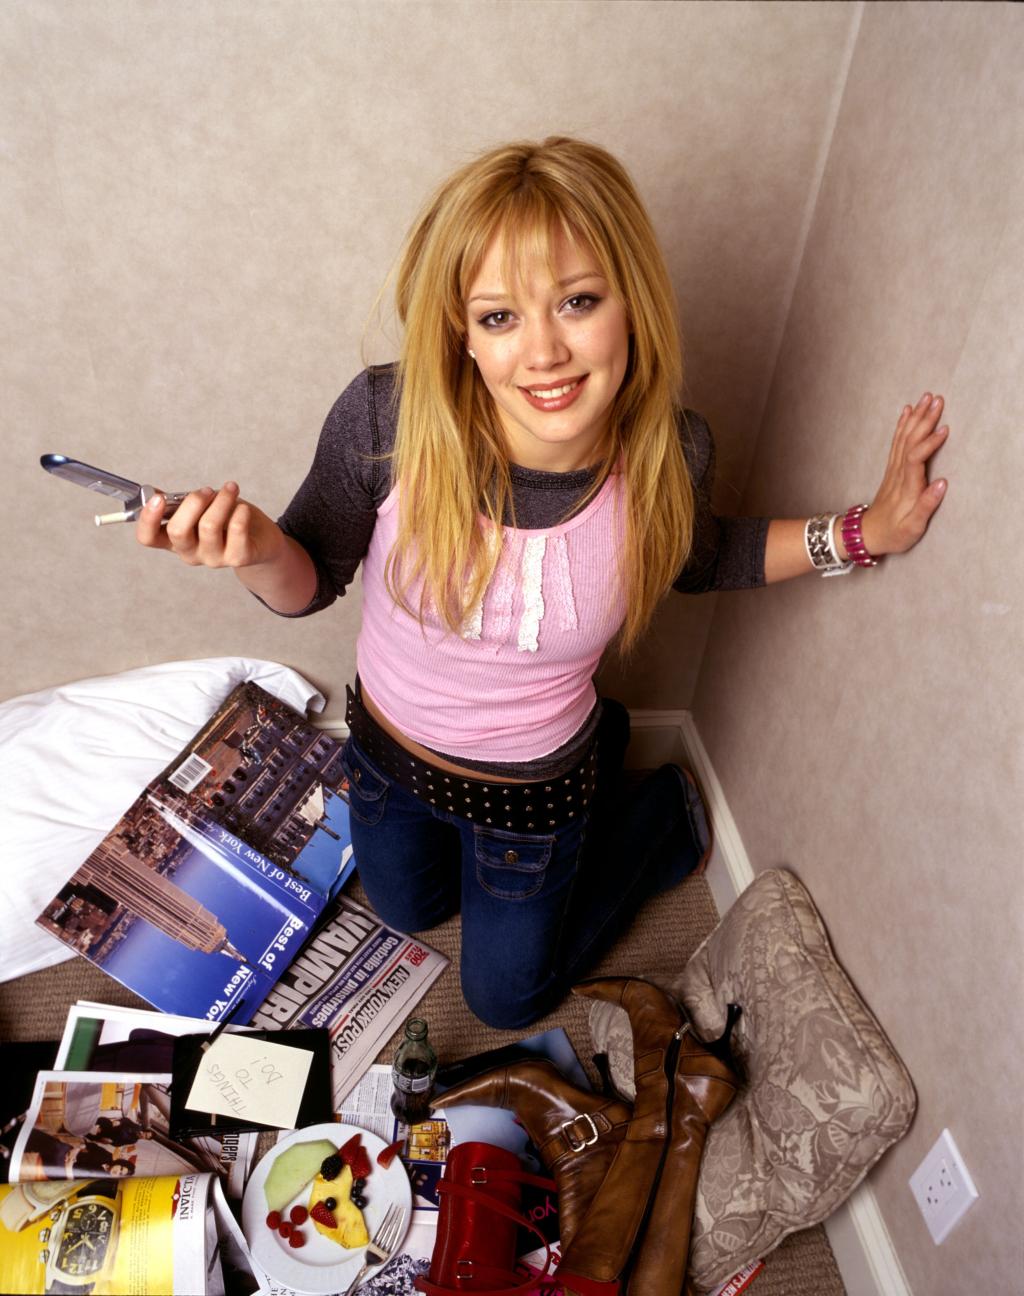 Hilary Duff, 힐러리 더프 고화질 사진, 힐러리 더프 사진, 힐러리 더프사진, 힐러리더프, 힐러리더프 바탕화면, 힐러리더프 사진